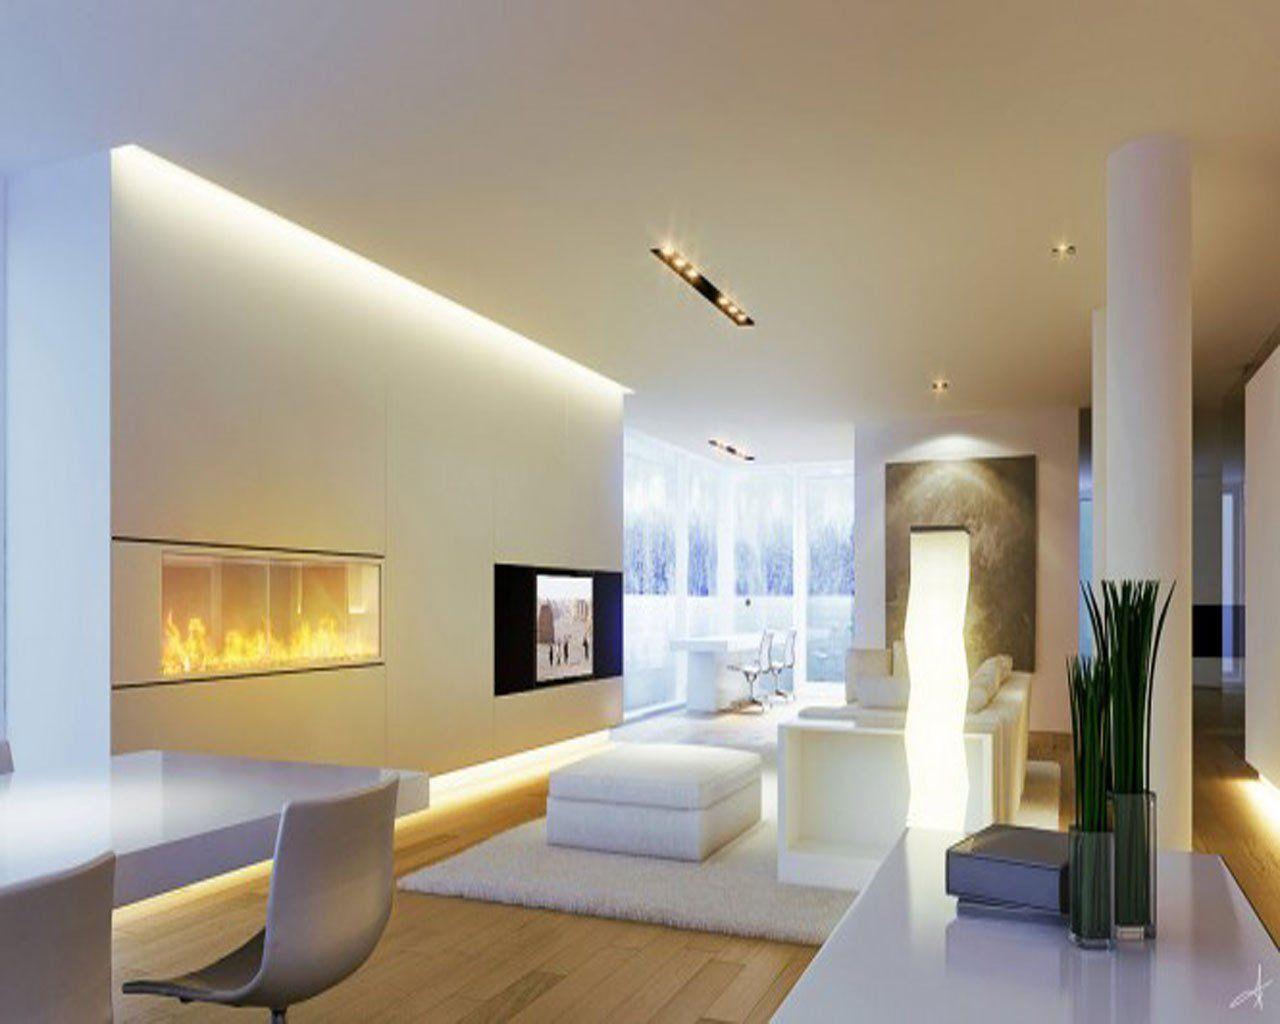 Soggiorni moderni • 100 idee e stile per il soggiorno ideale   Interiors